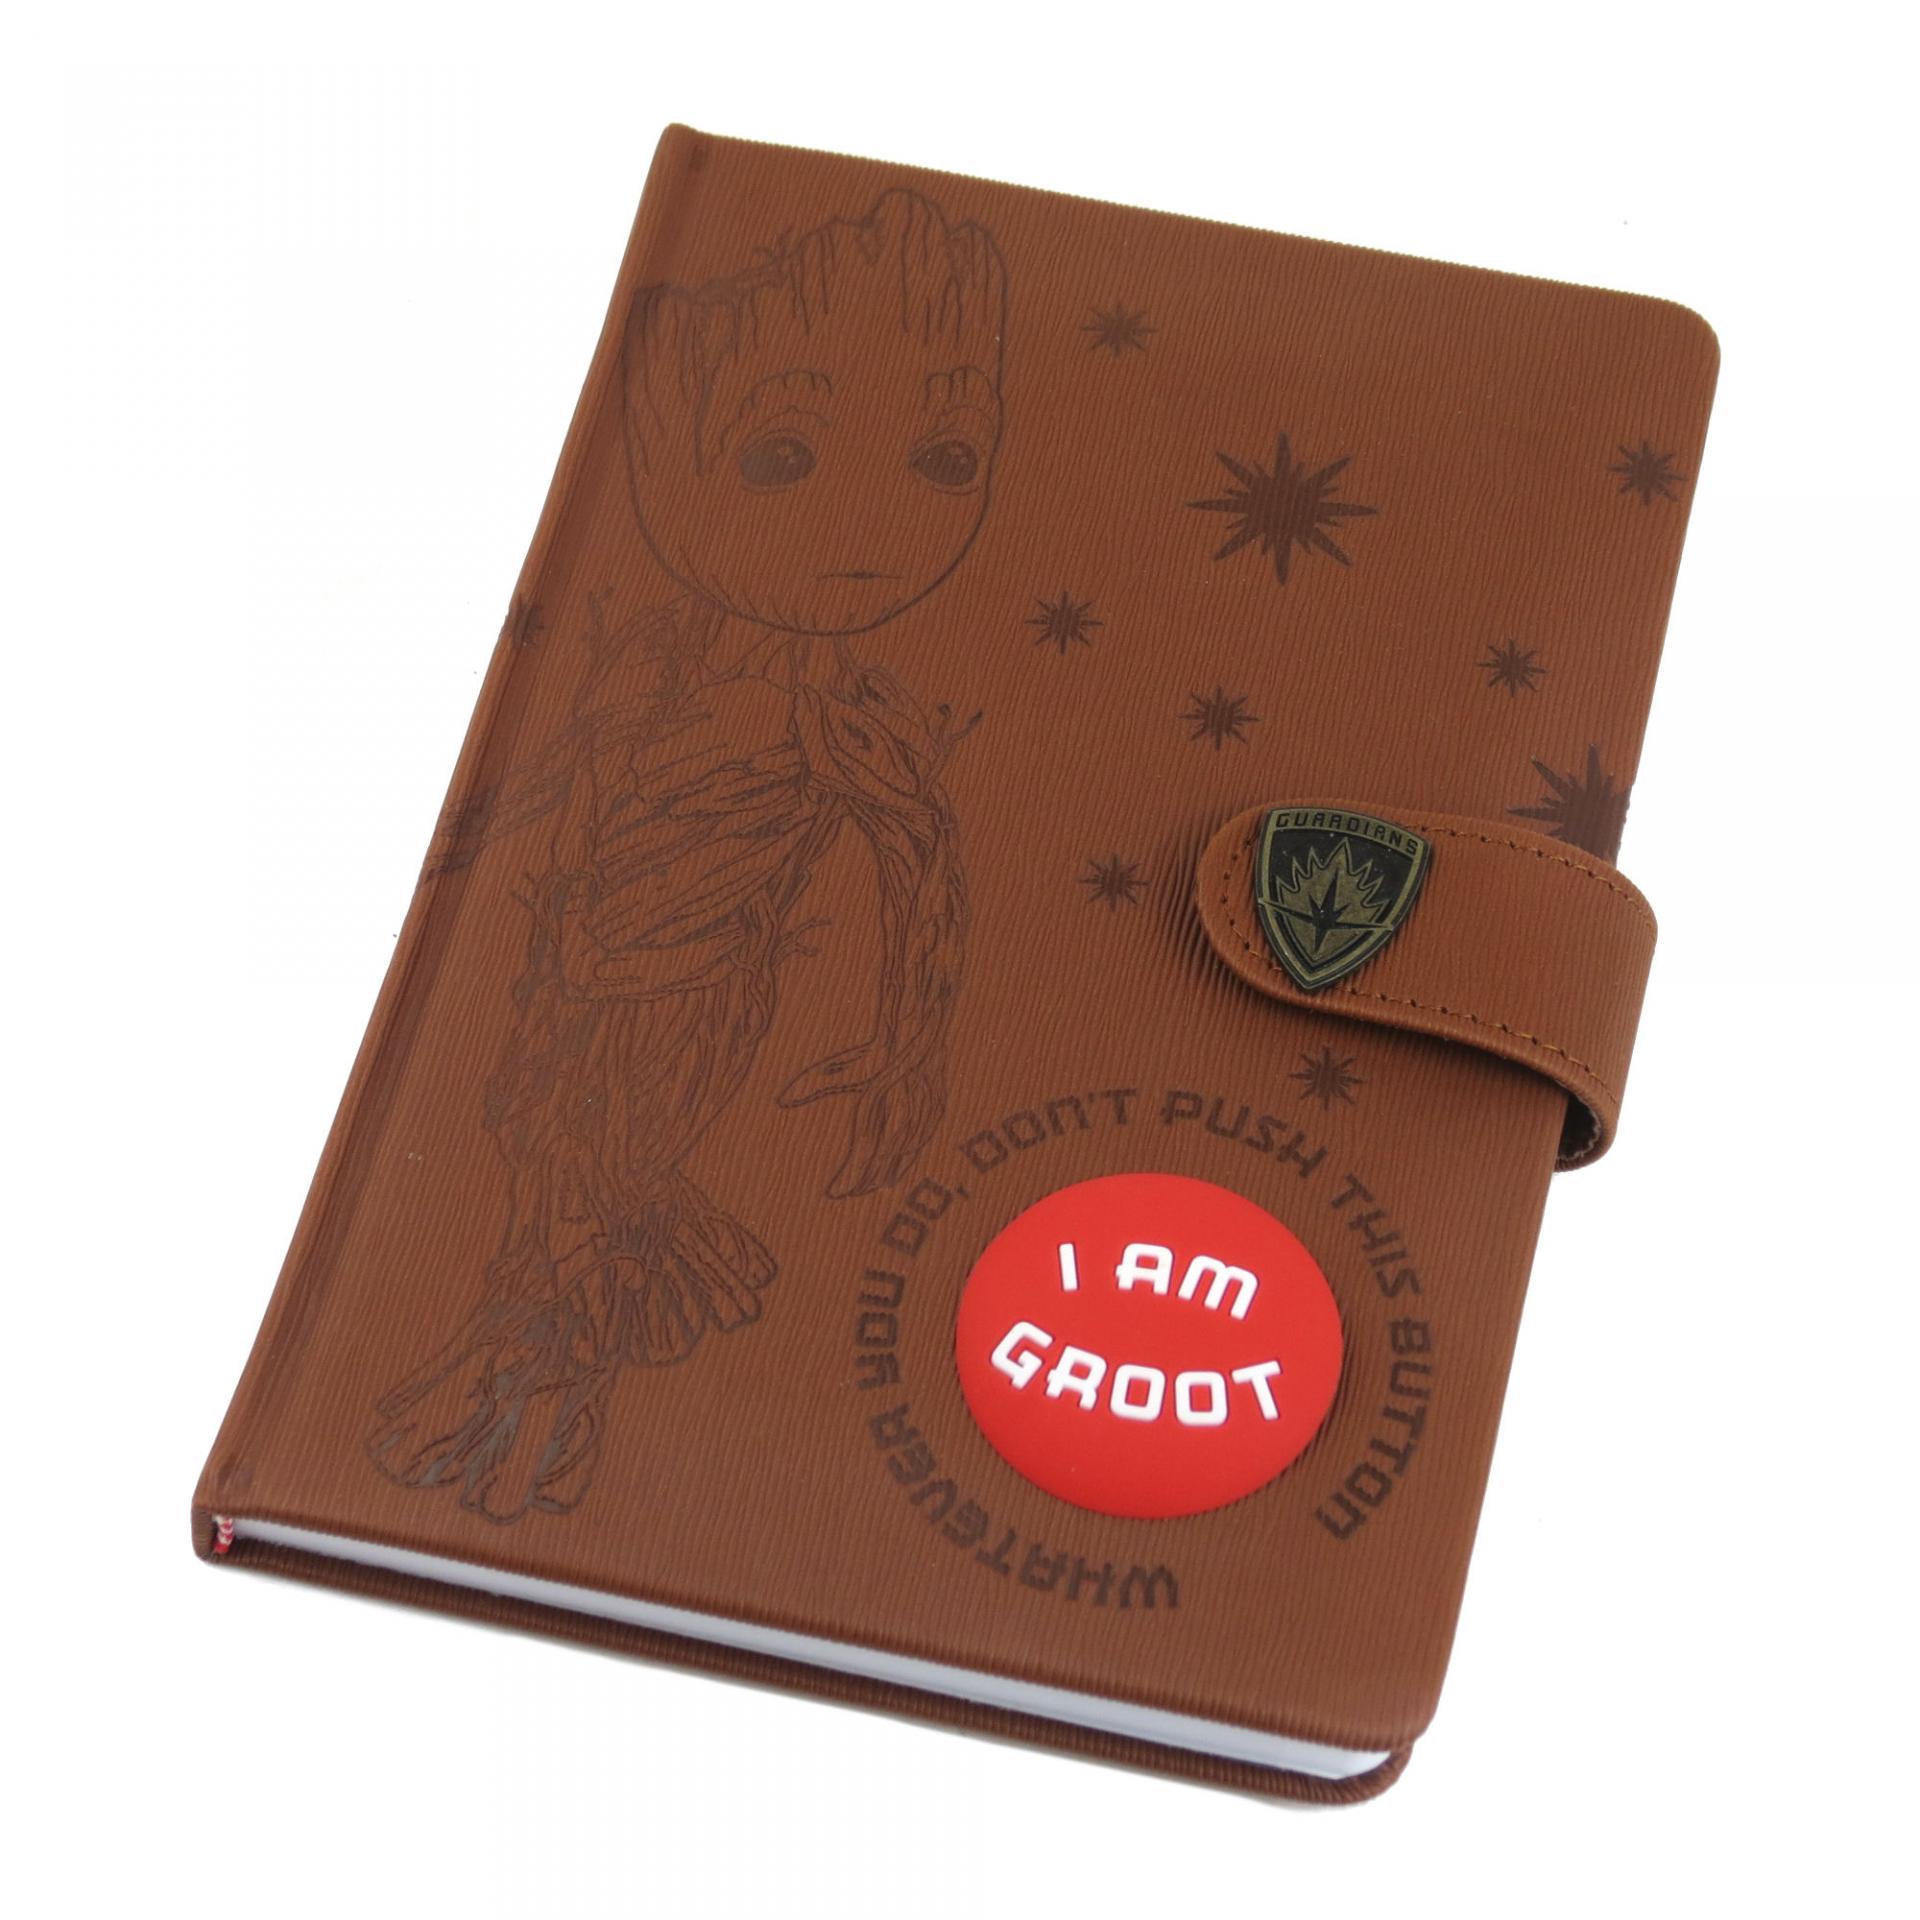 Groot audio premium notebook sonore